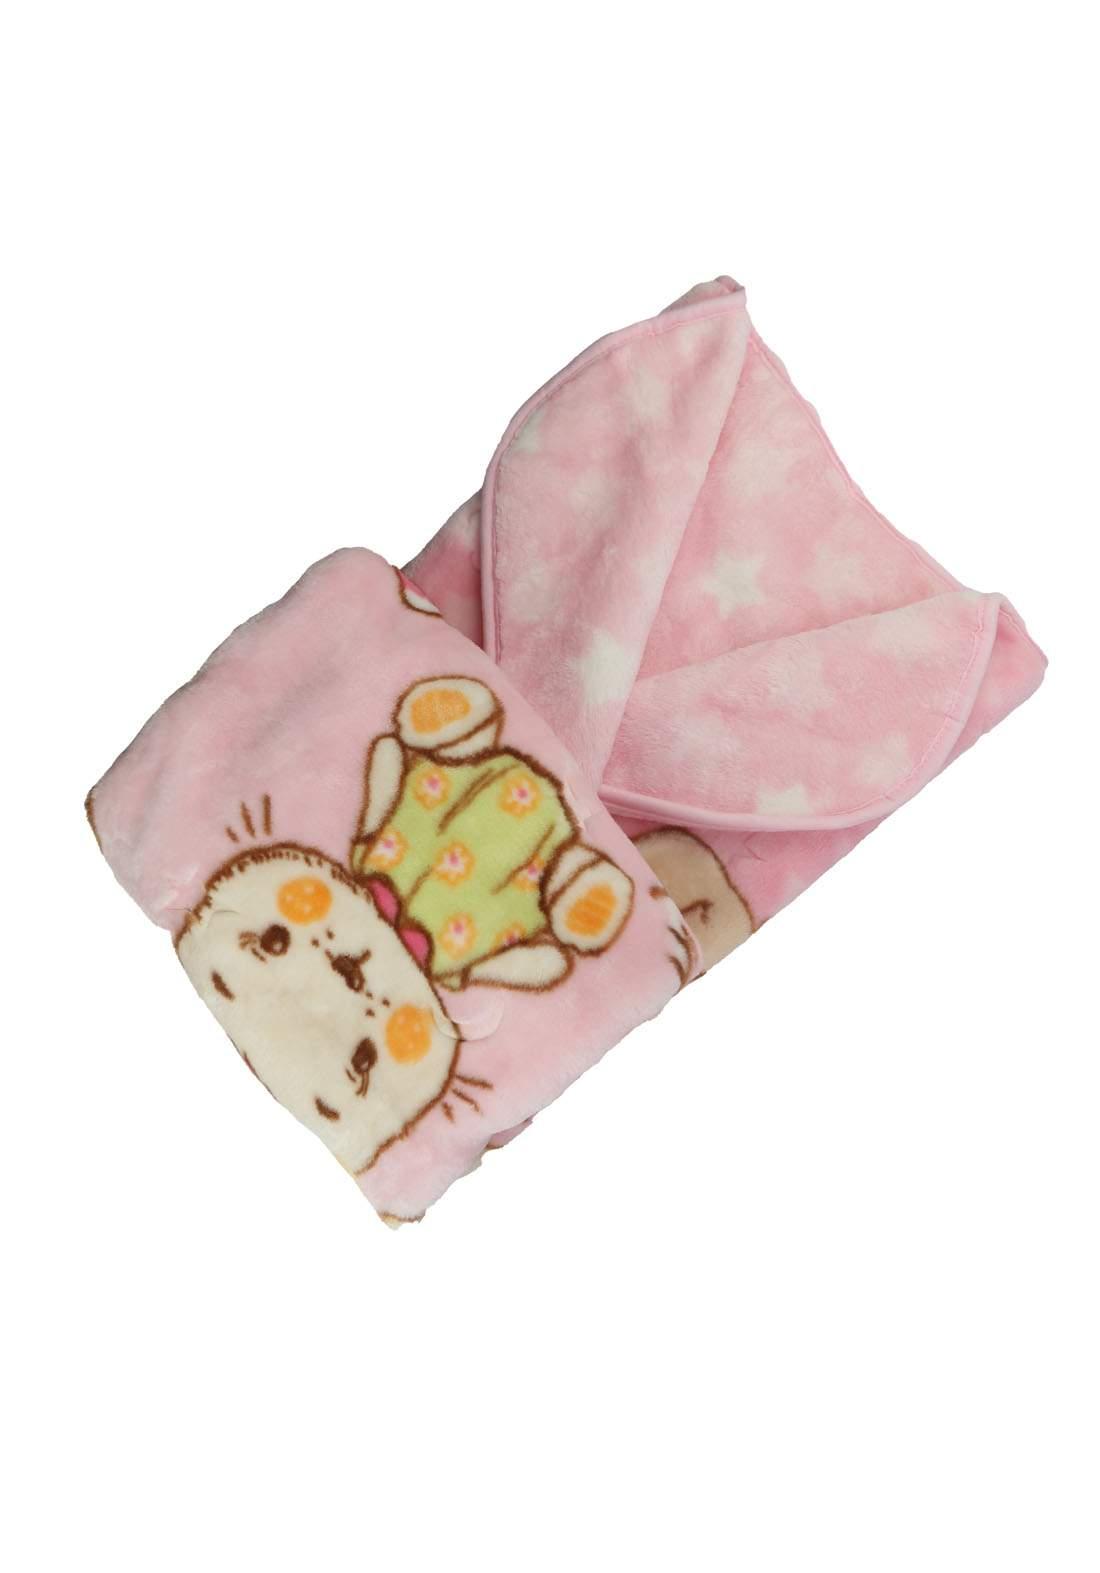 بطانية للاطفال حديثي الولادة وردي اللون  1155